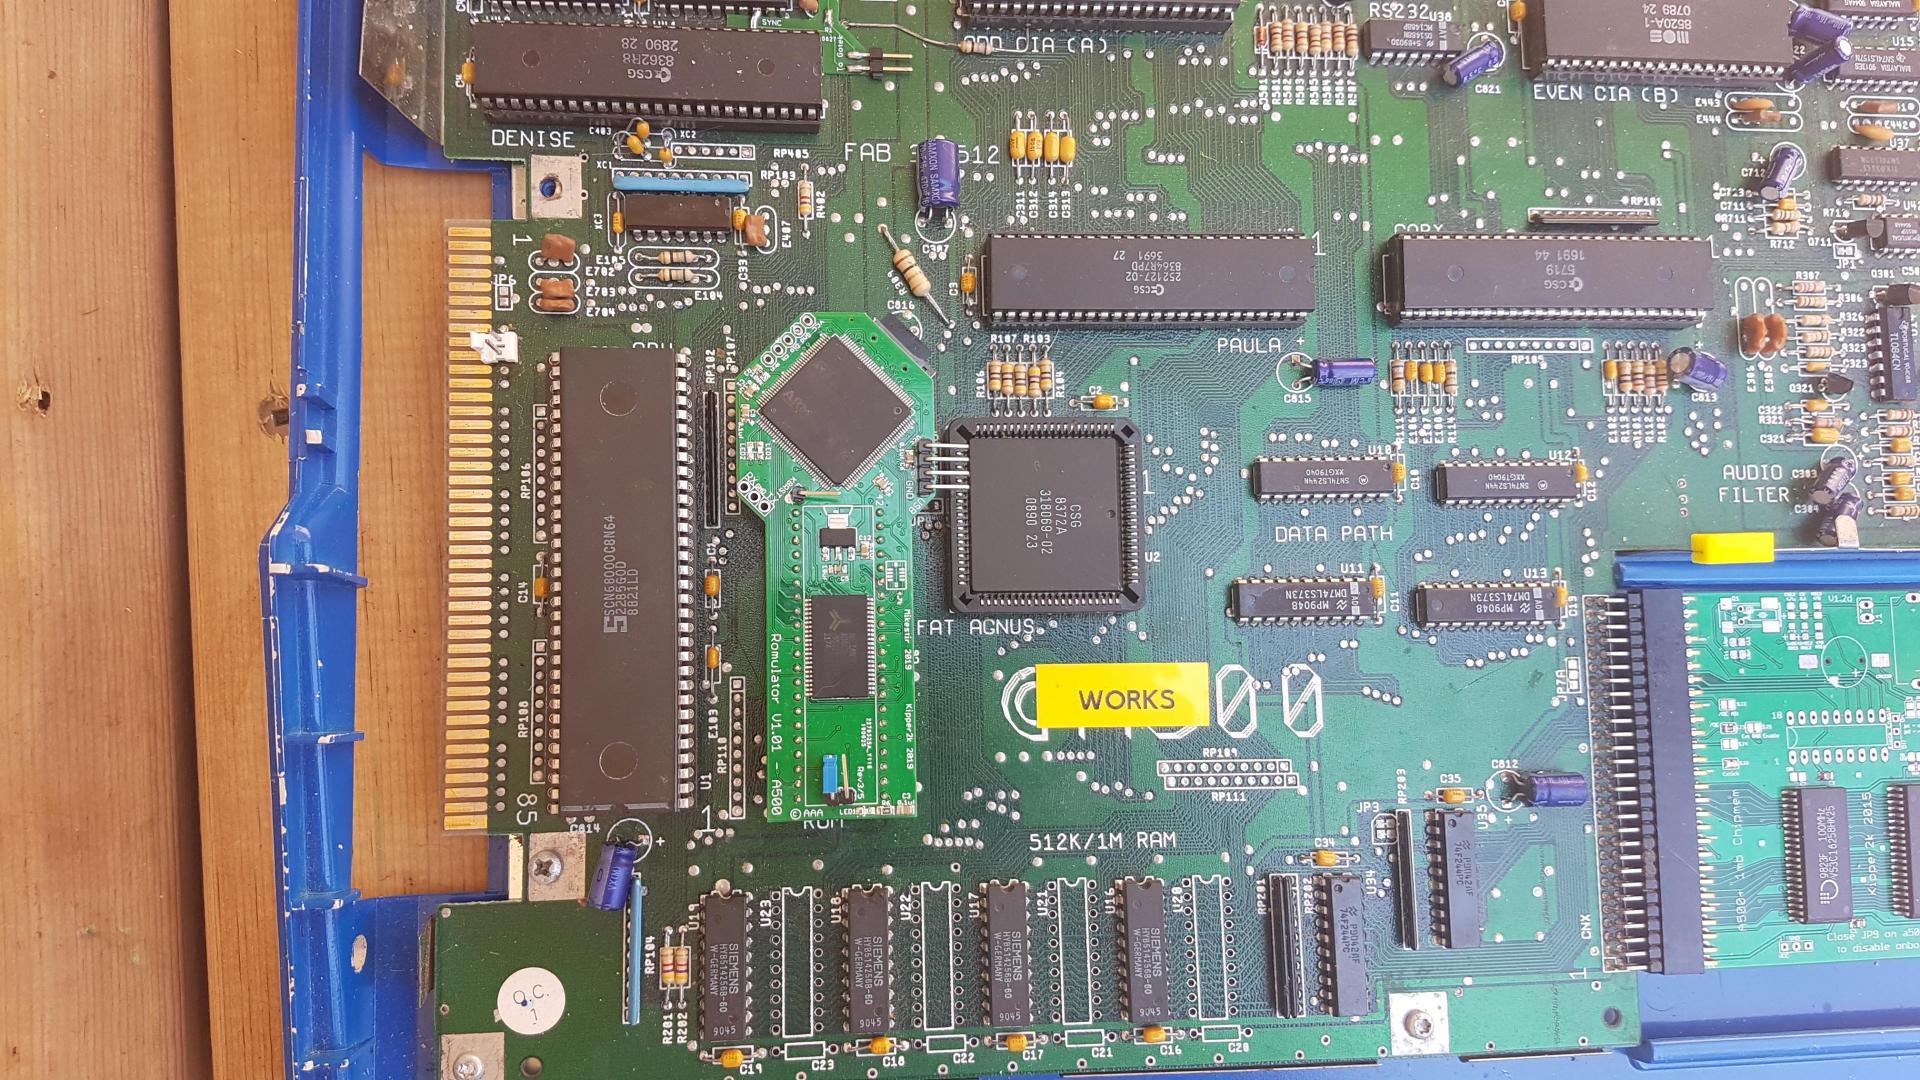 Klikněte na obrázek pro zobrazení větší verze  Název: romulatortop.jpg Zobrazeno: 60 Velikost: 445,7 KB ID: 9610